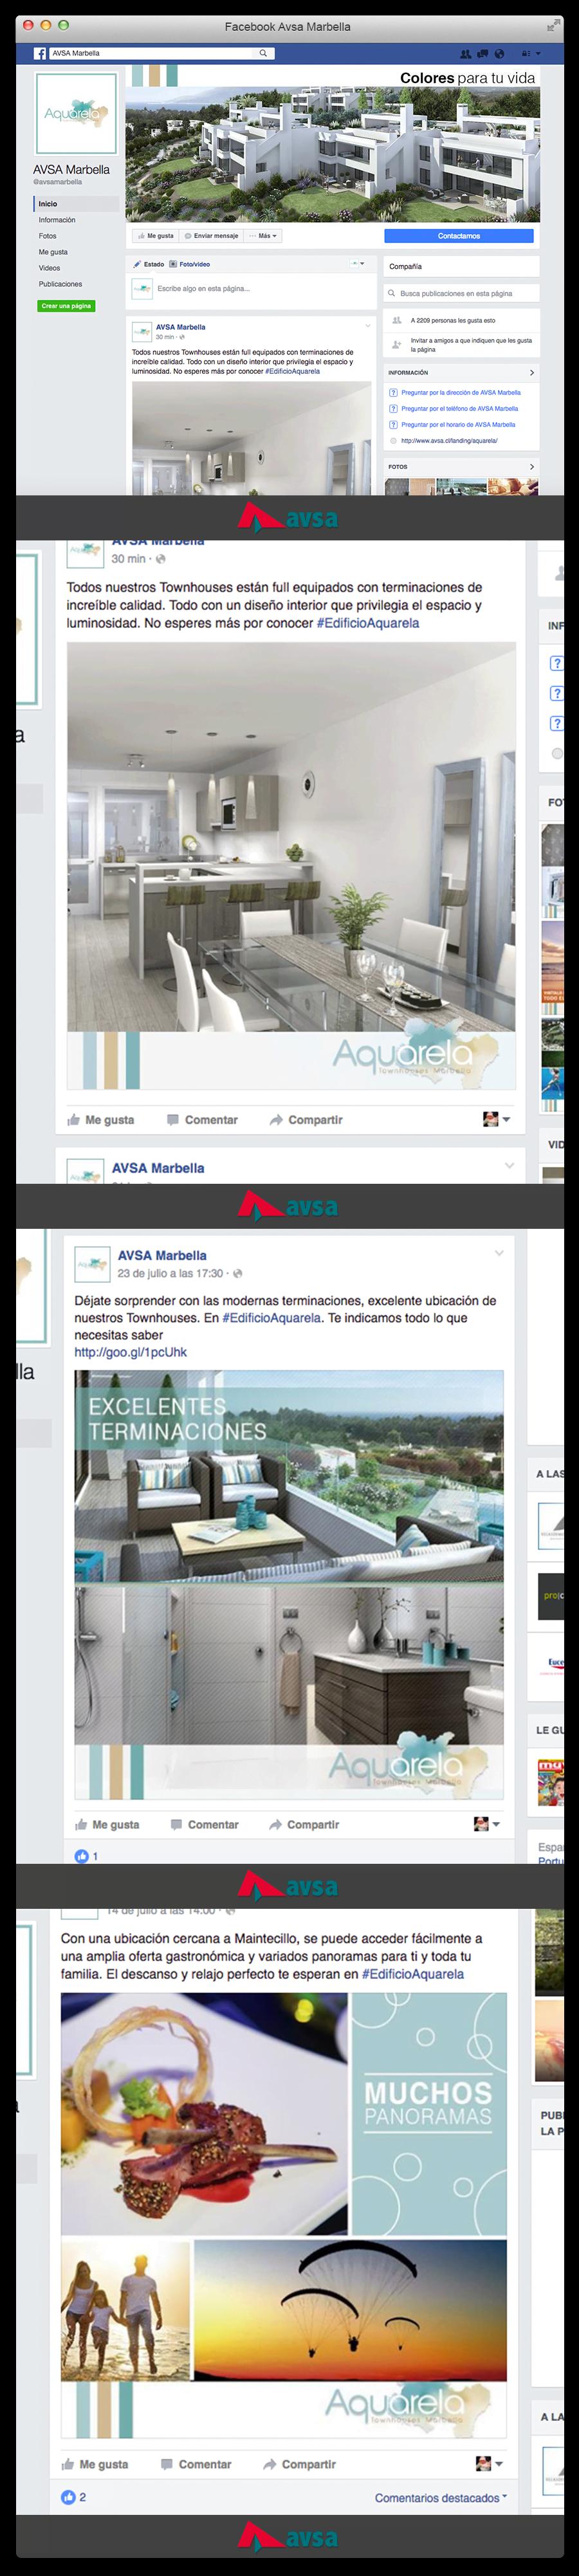 Avsa_Marbella_fans